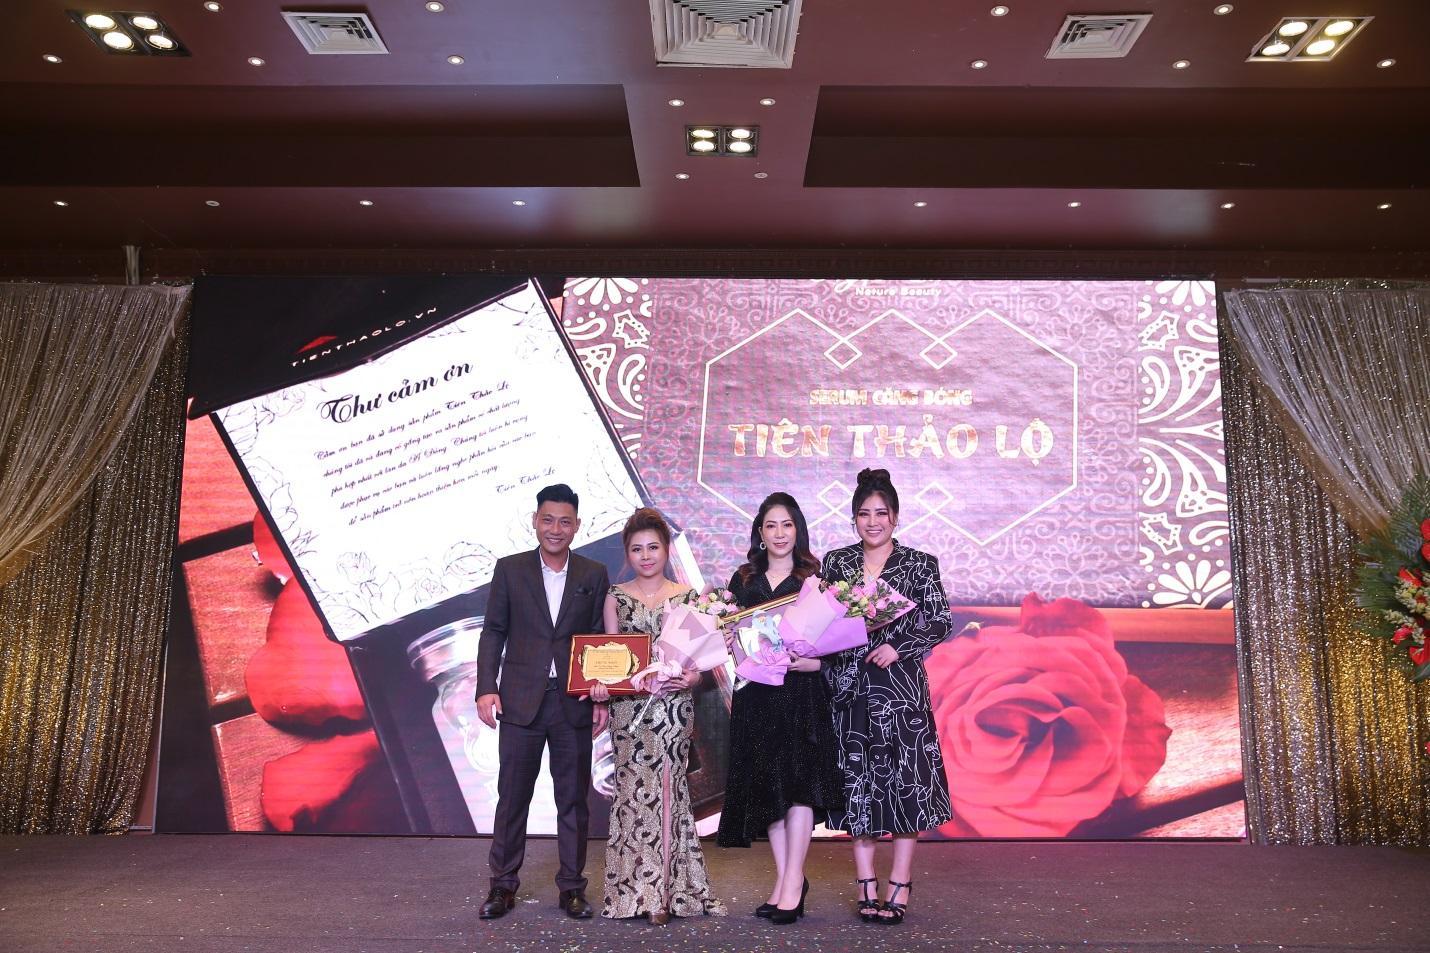 Ngọc Tú Group tưng bừng kỉ niệm sinh nhật lần thứ 5 tại Hà Nội - Ảnh 4